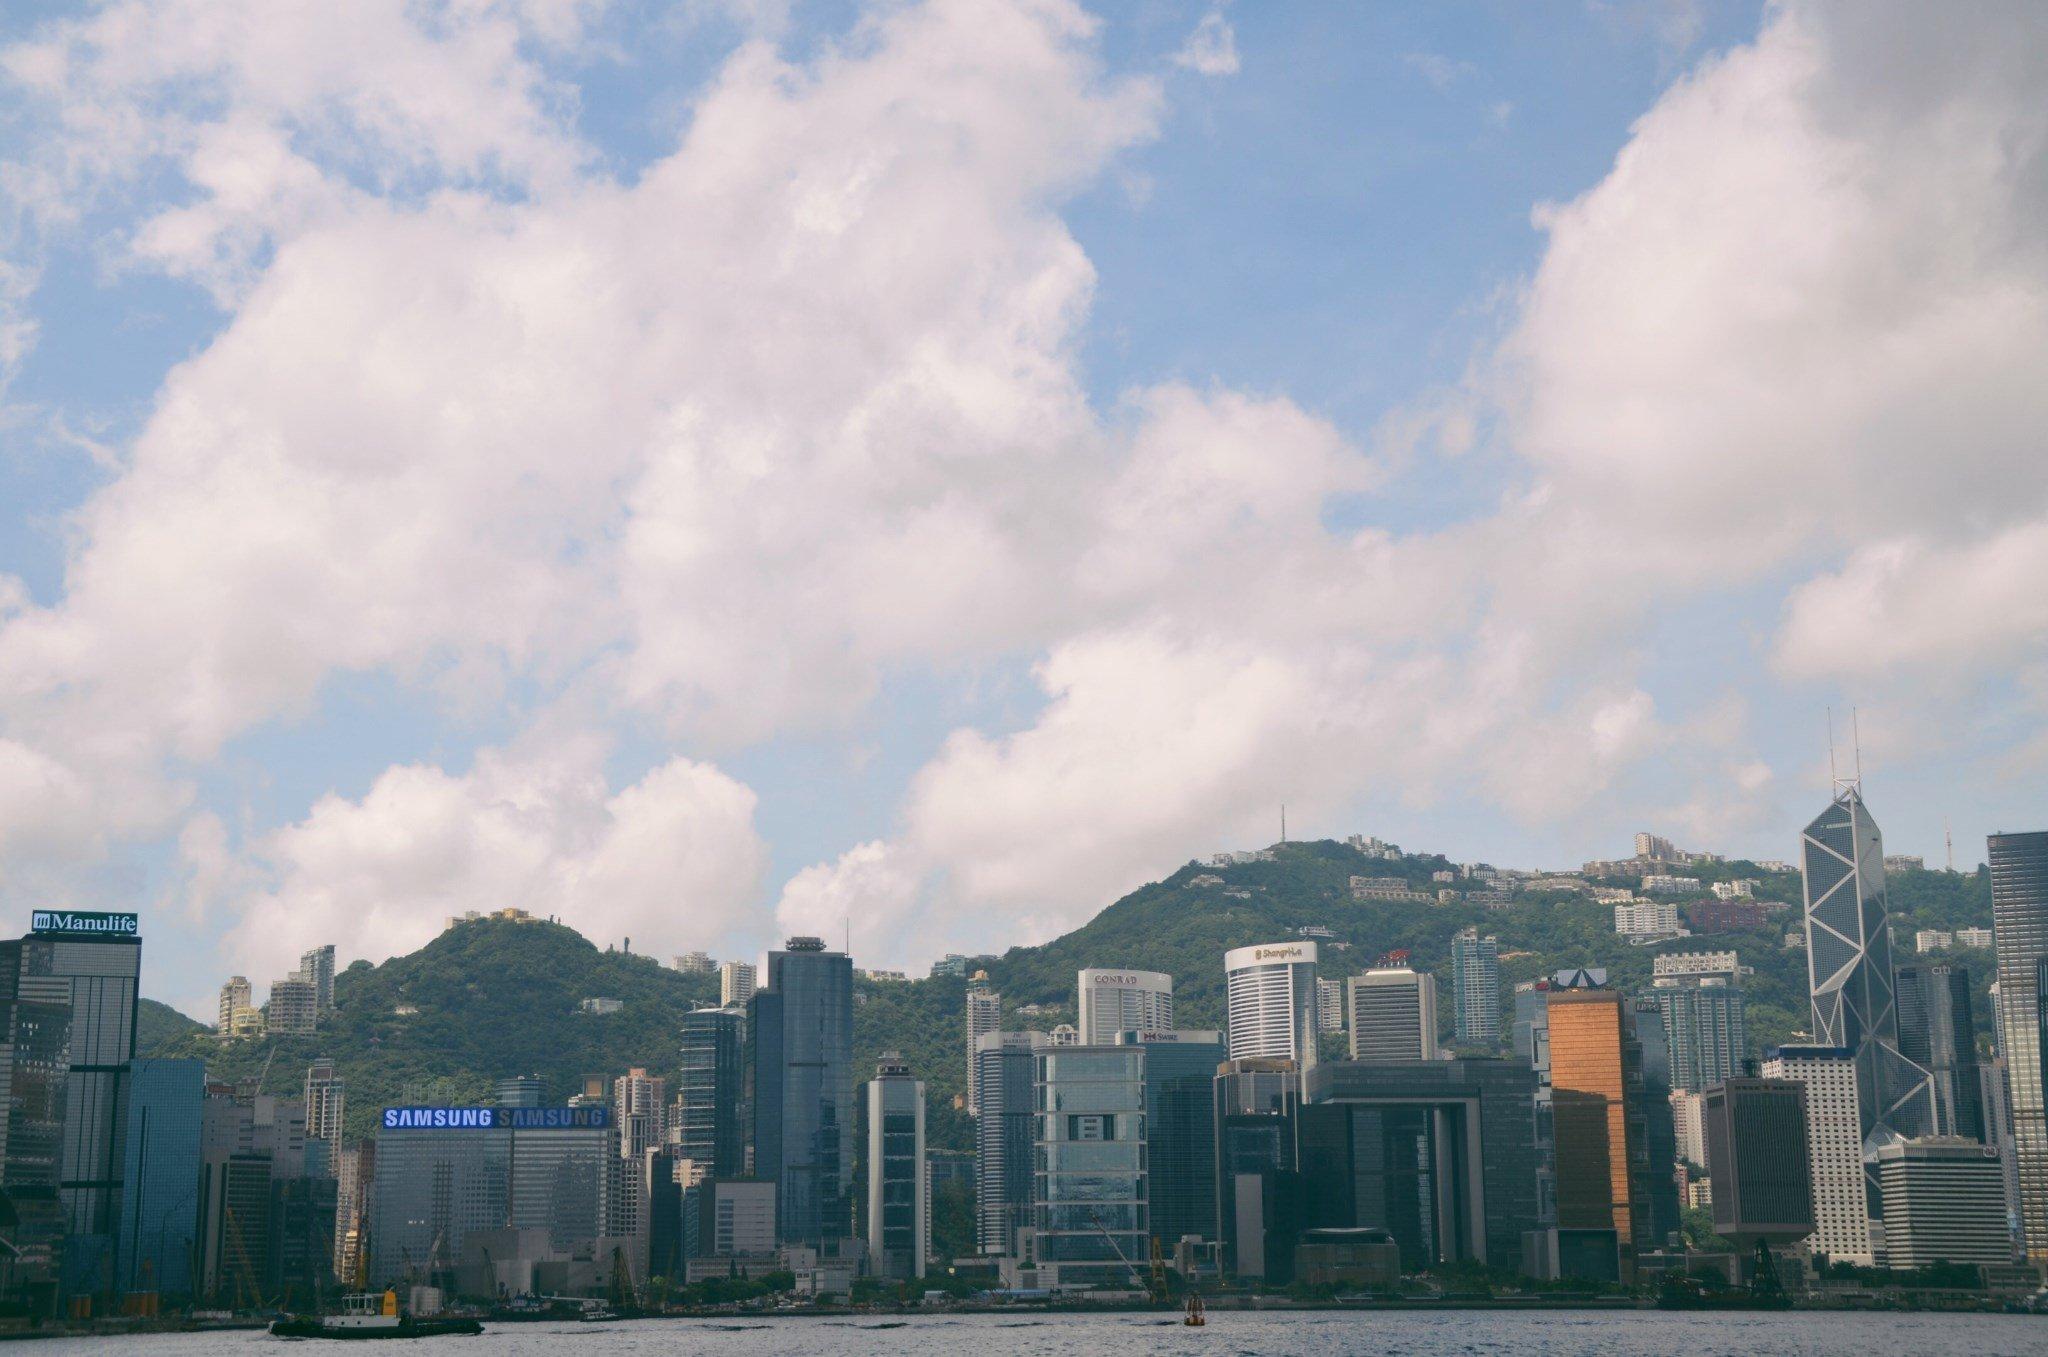 溪口、澳门、香港--自驾闺蜜始终在路上_广州攻略v自驾澳门我与图片